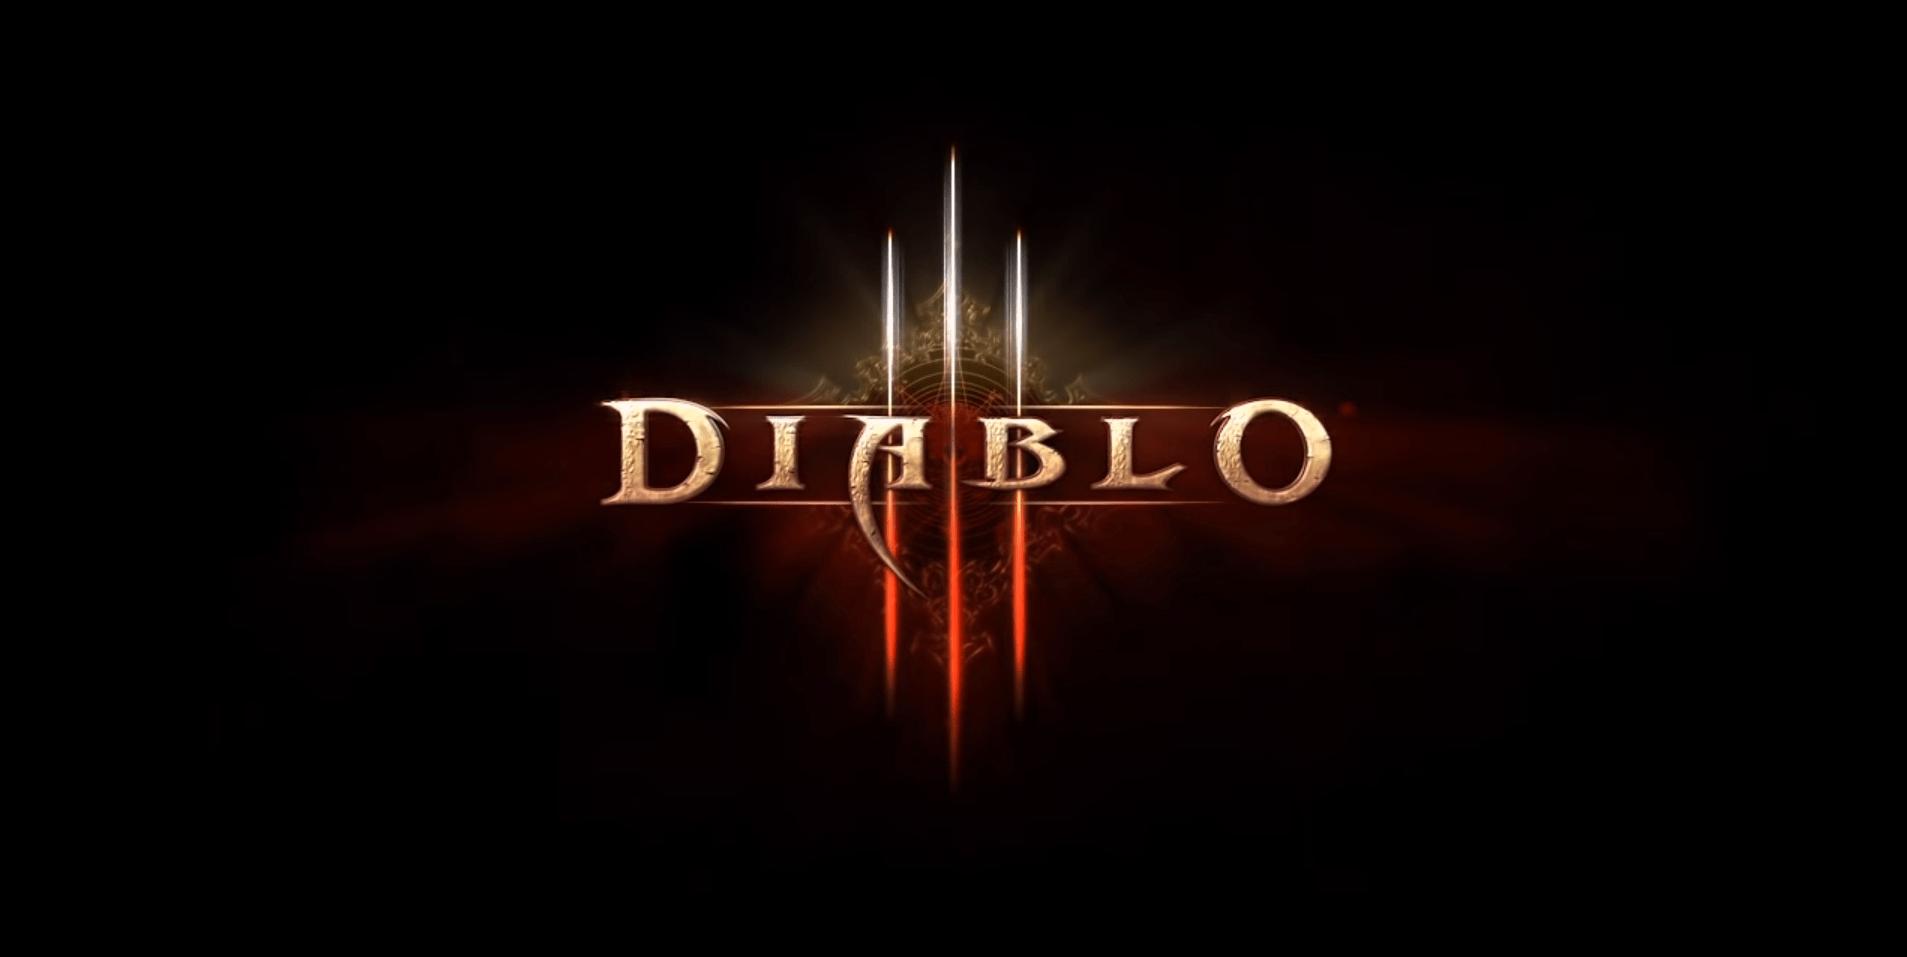 Diablo 3 Announces Season Of The Triune To Begin August 23rd Blizzard Diablo Diablo3 Hackandslash Nintendo Pcmac Pl Hack And Slash Diablo 3 Diablo